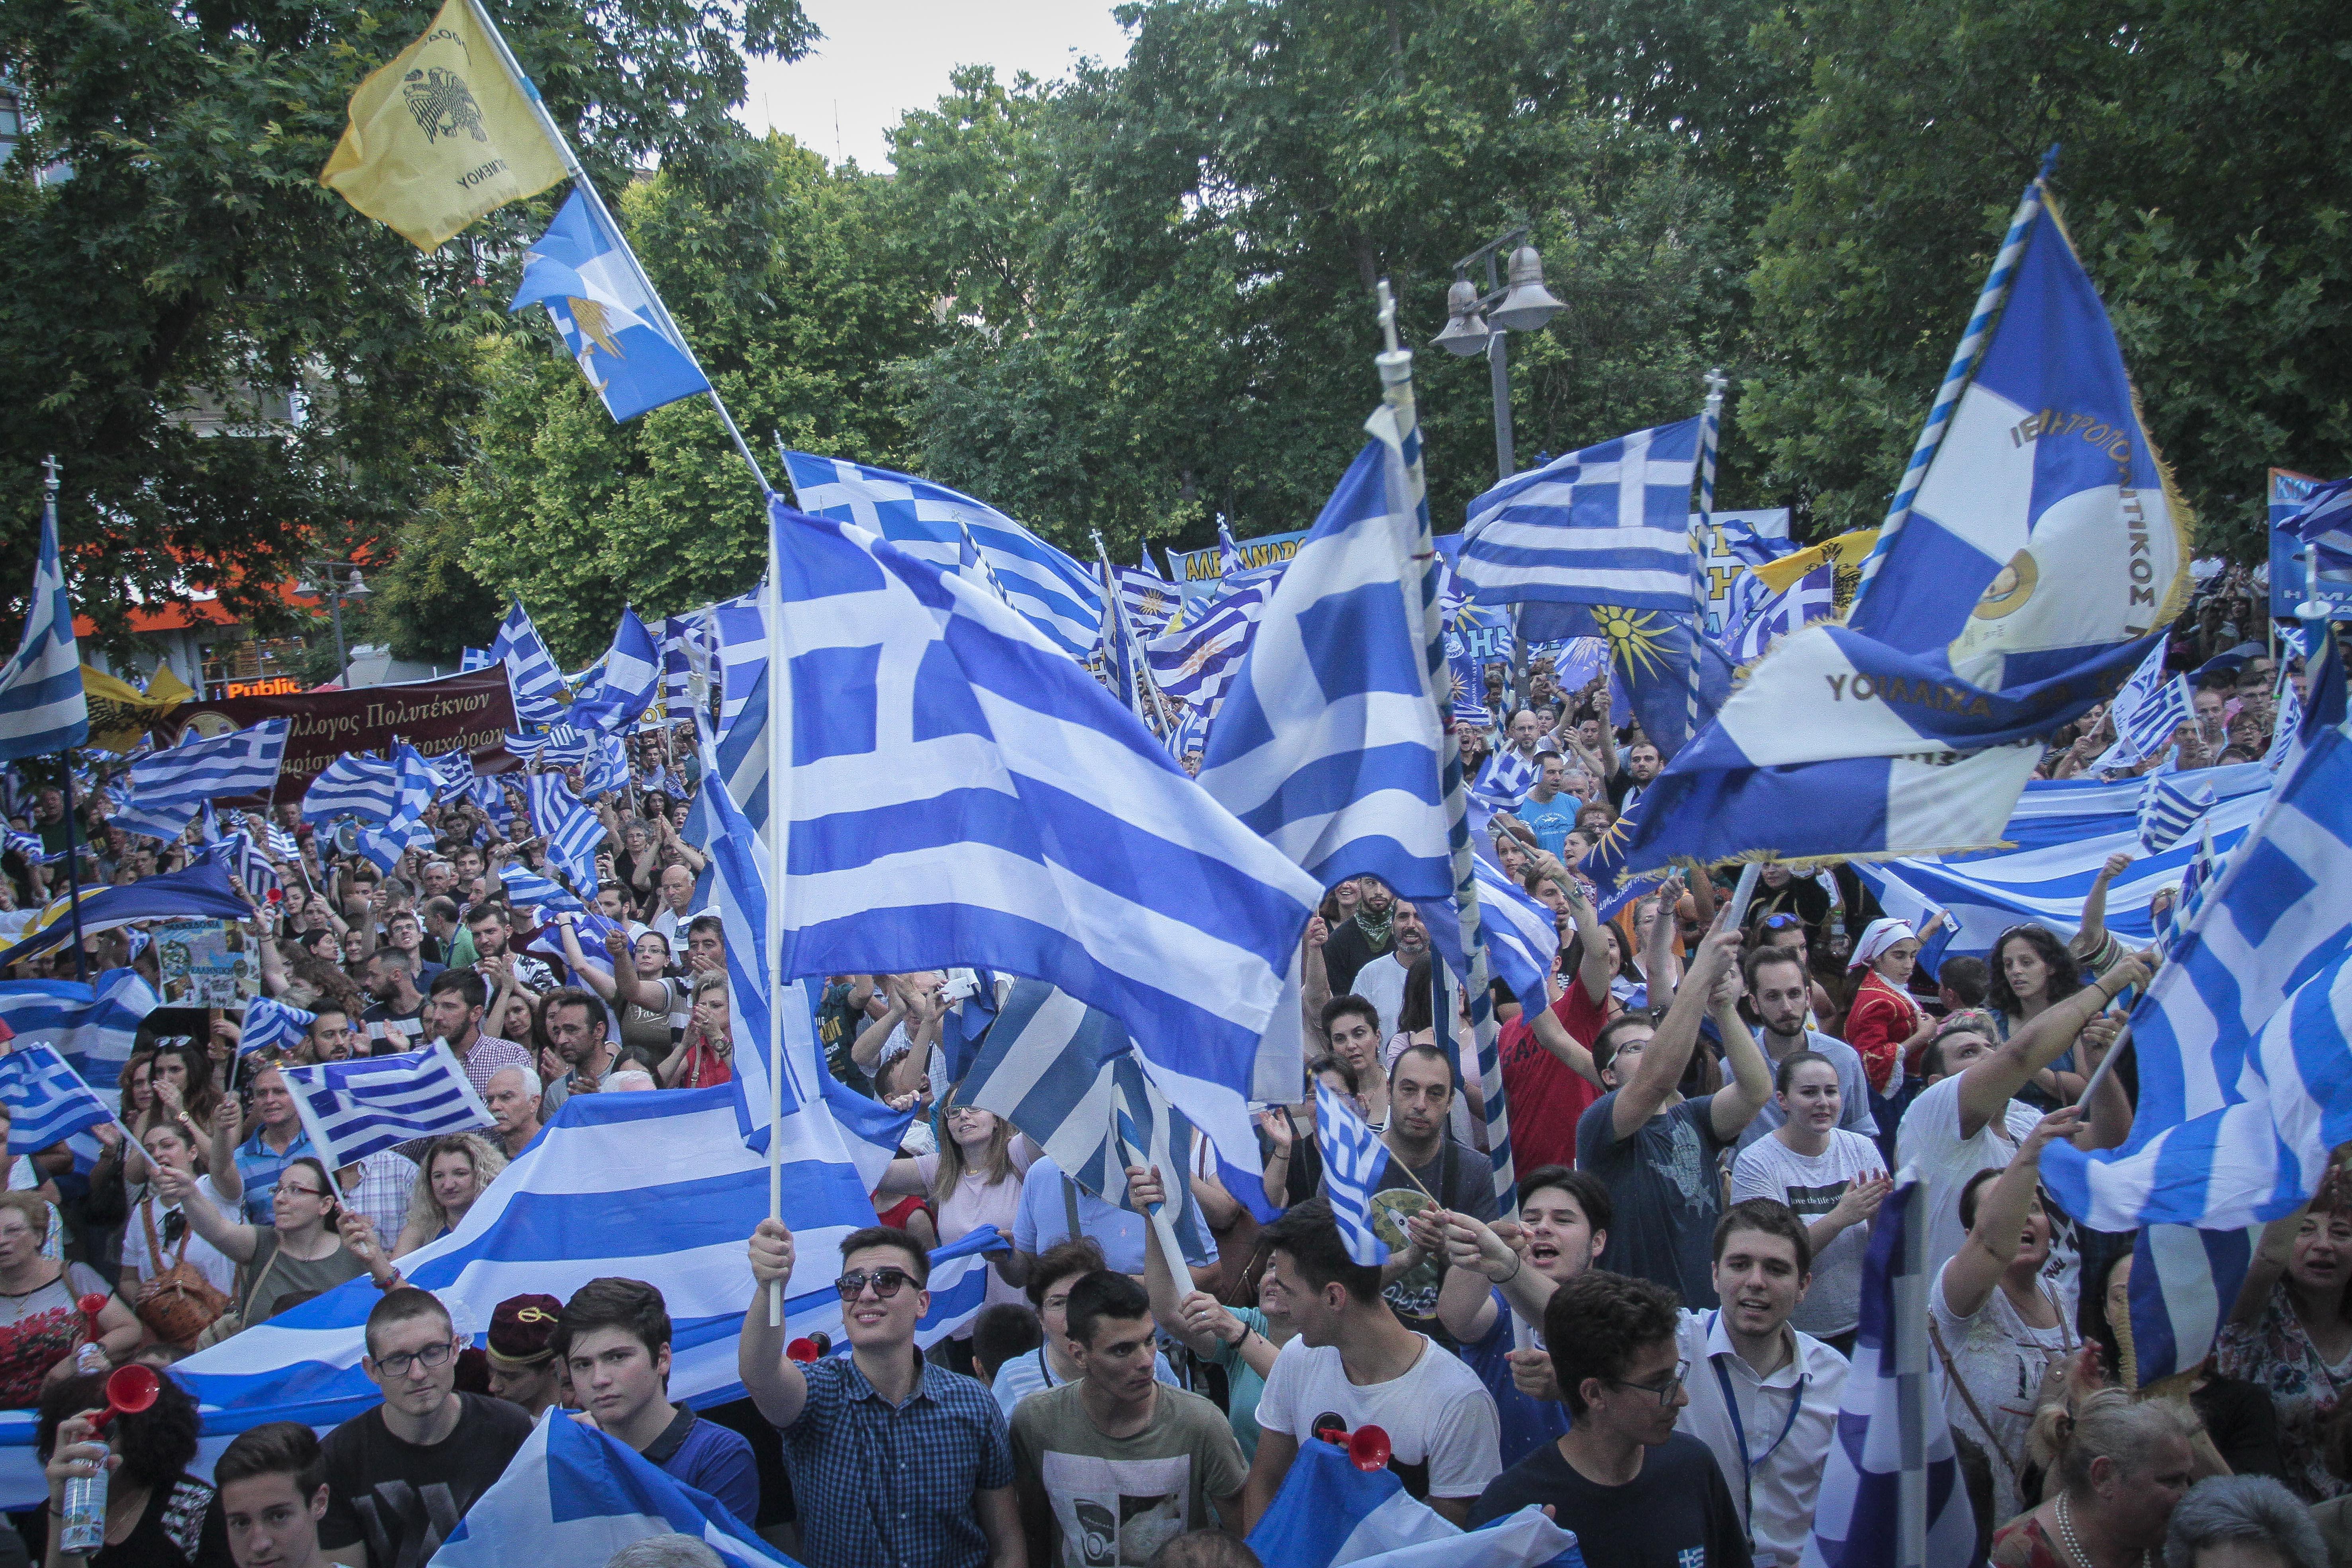 chiliades-diadilosan-gia-ti-makedonia-se-23-poleis-tis-choras-fotografies-amp-8211-vinteo21